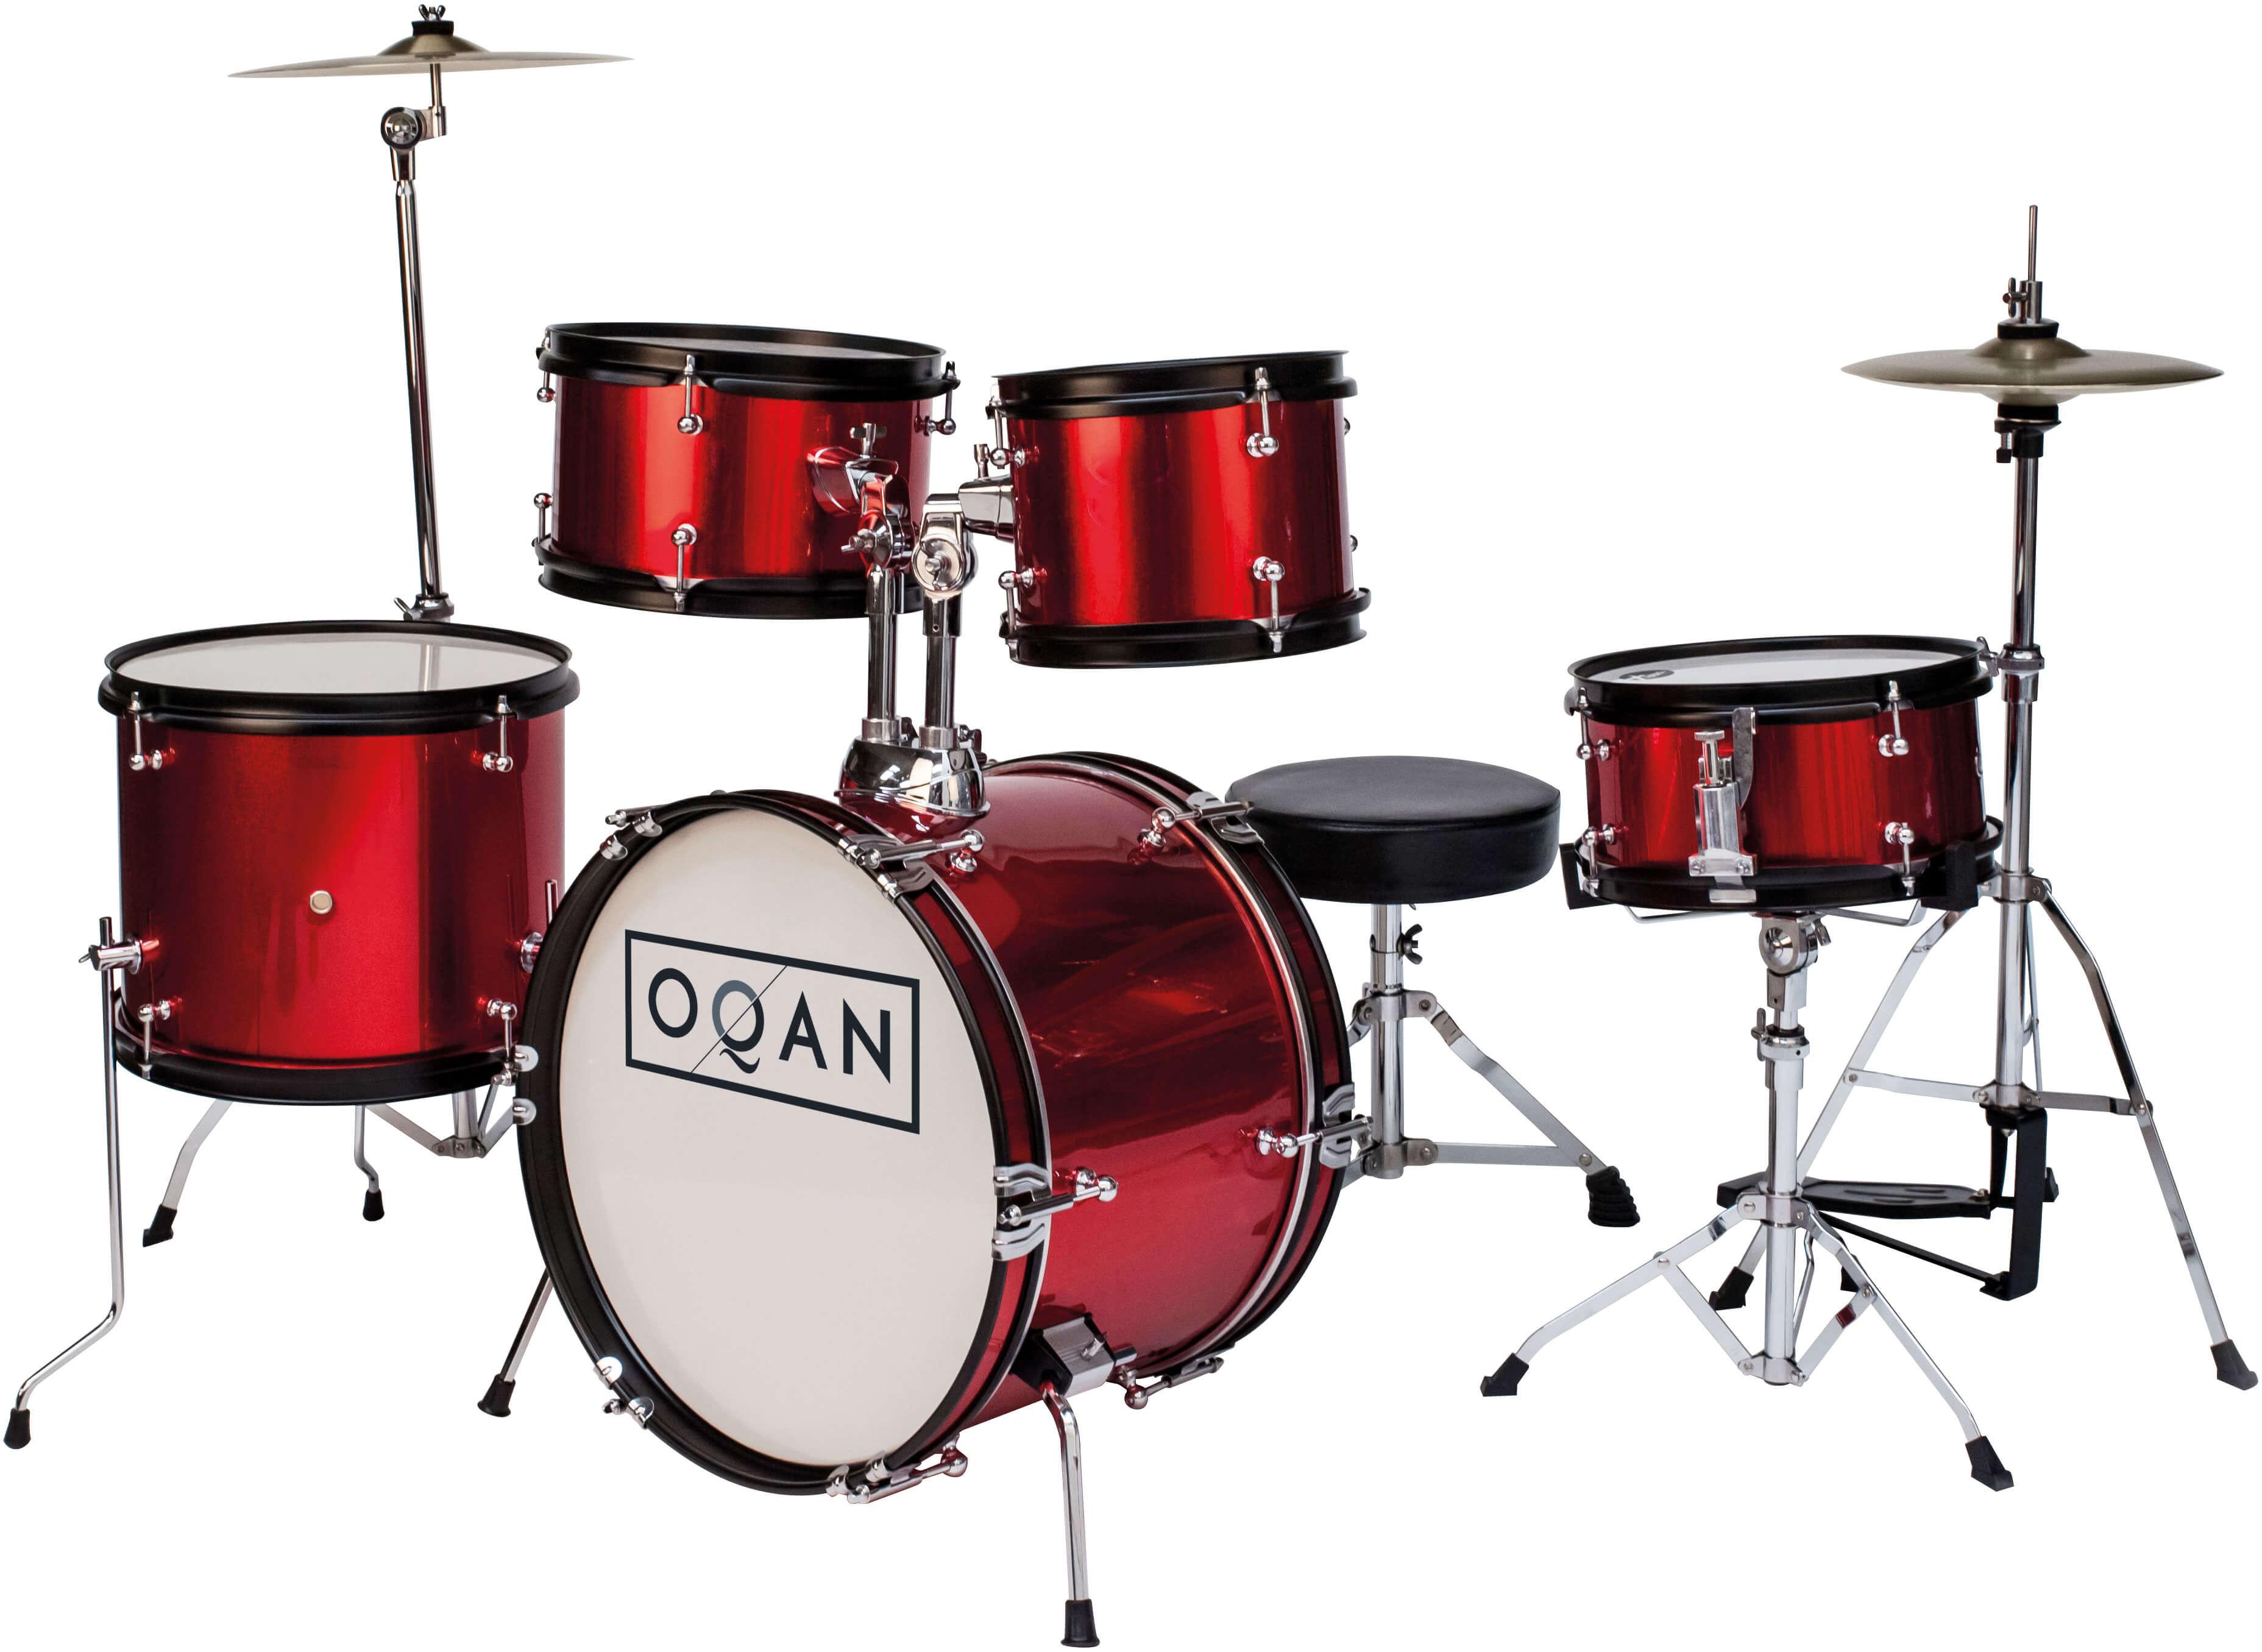 Batería Acústica Oqan Qpa-5 Junior